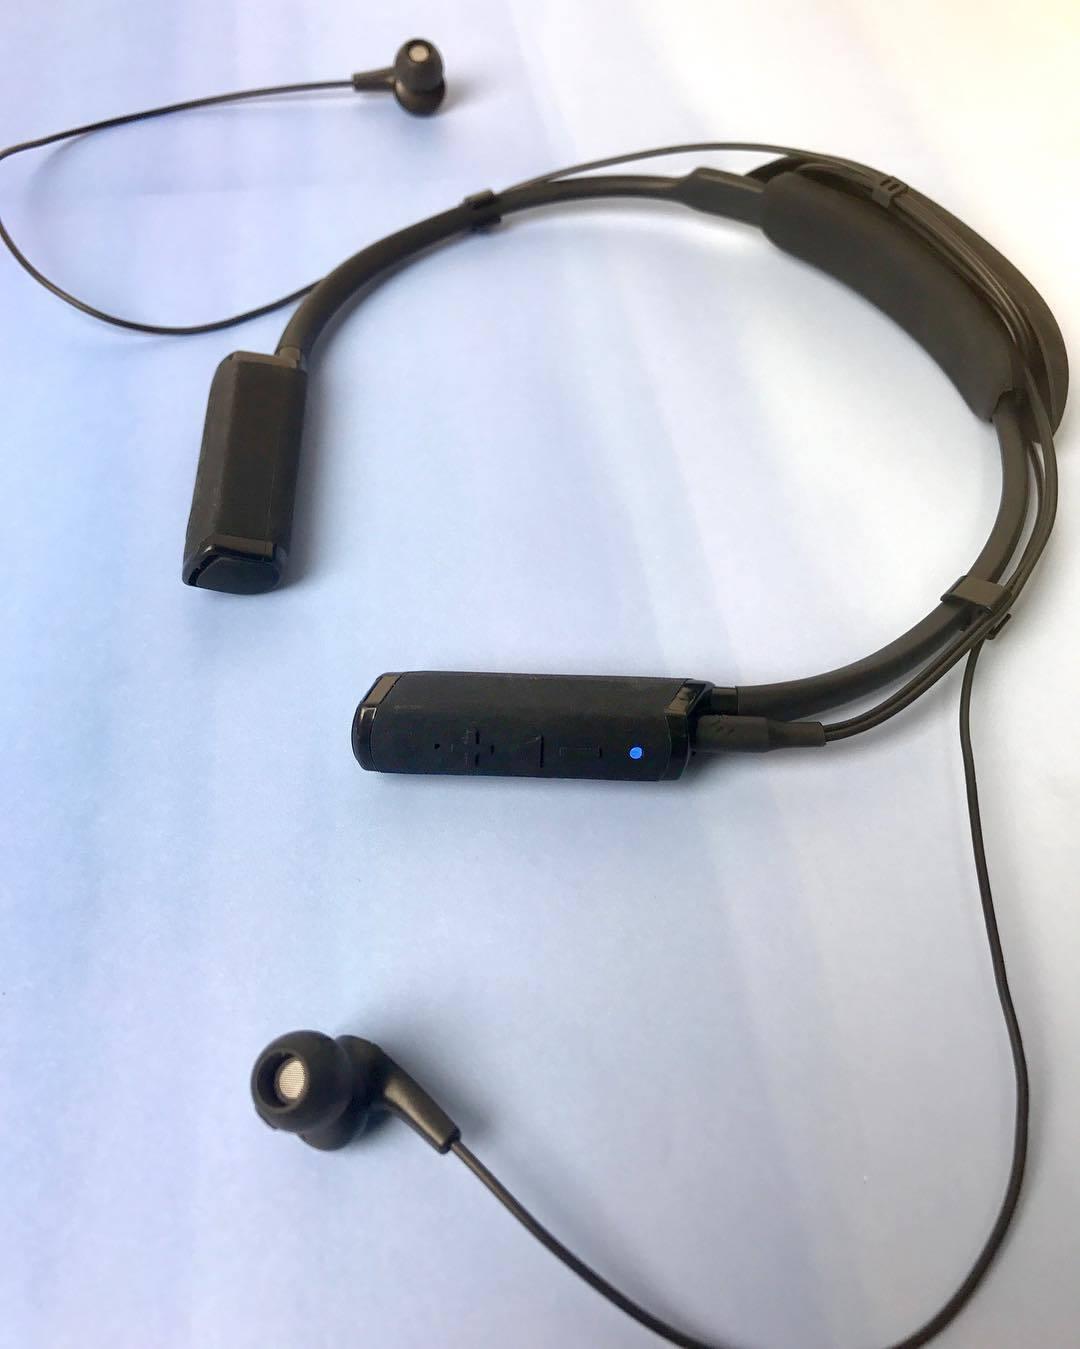 參考指南 頸掛式藍牙耳機推薦   igogosport 購物網